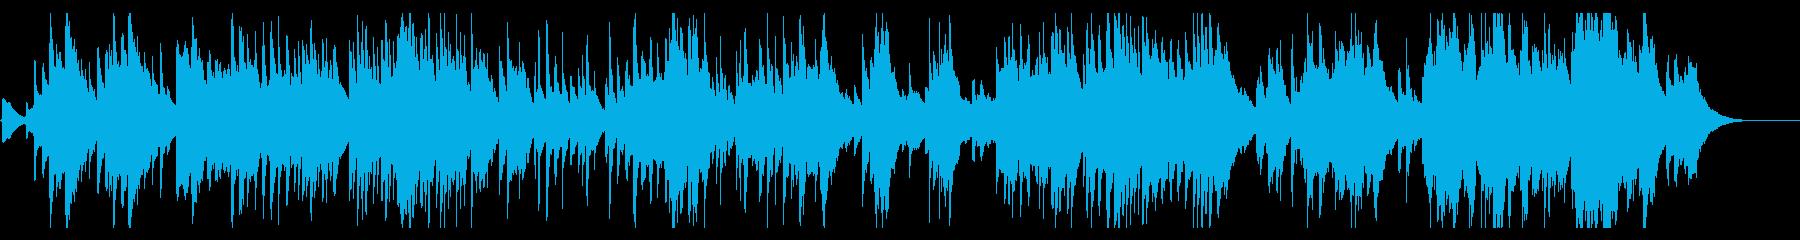 六段の調 お琴 3面の再生済みの波形